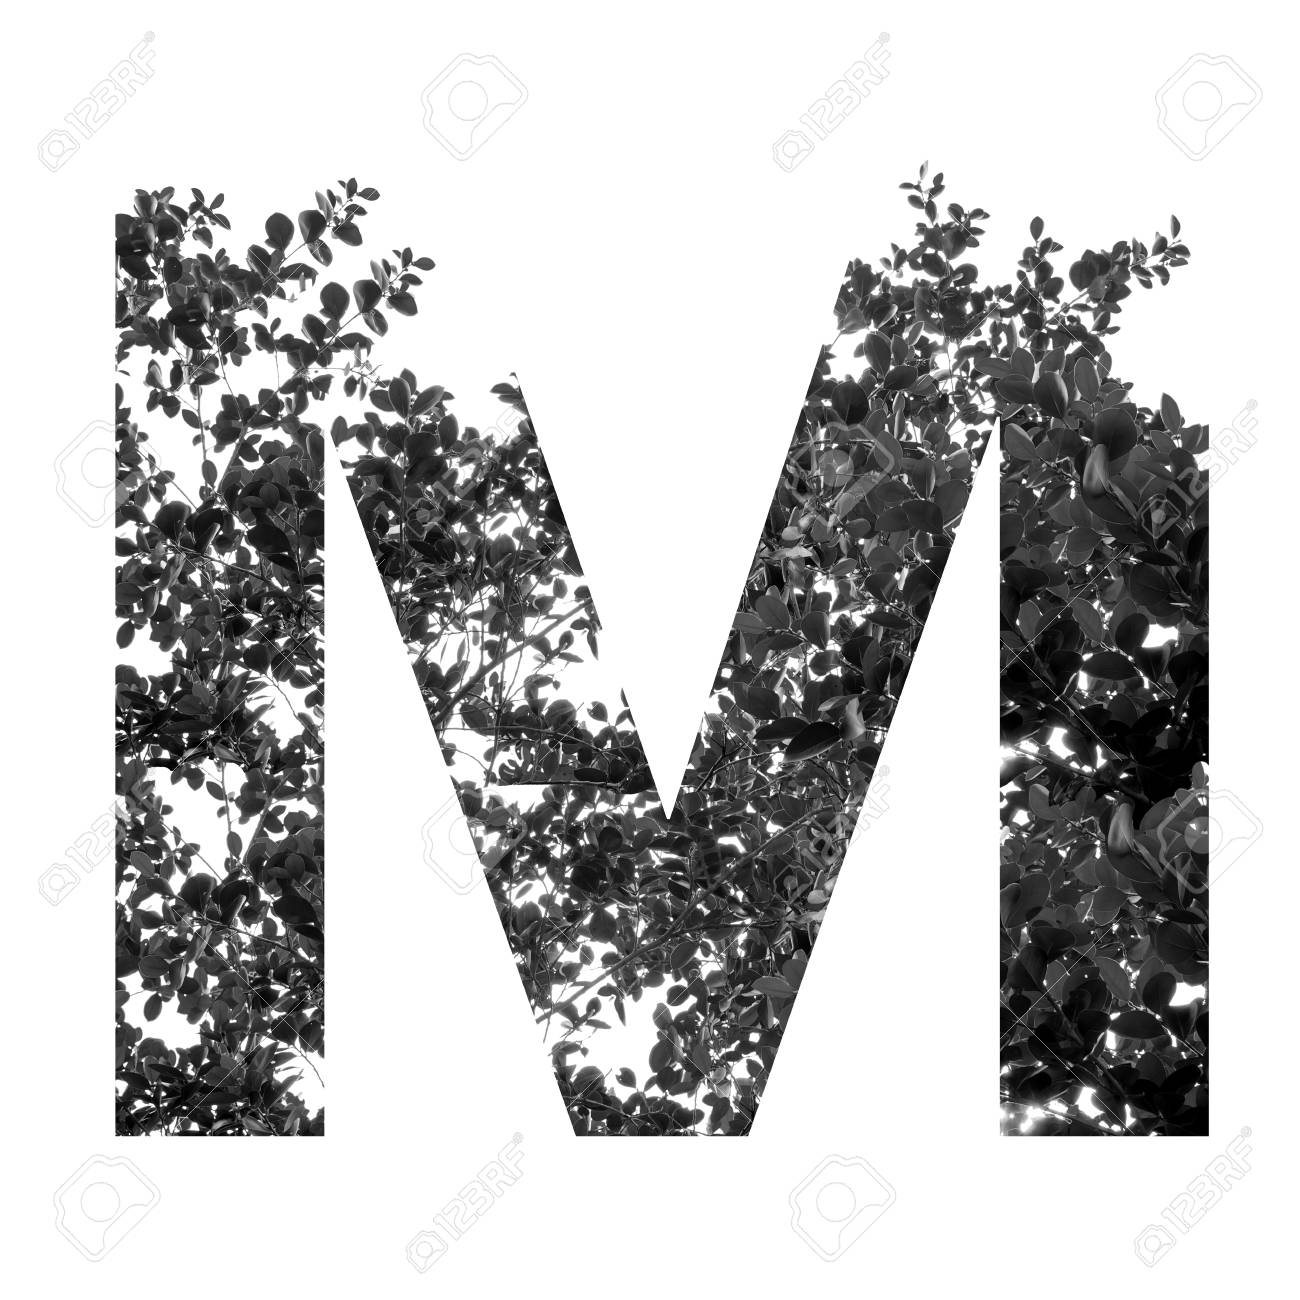 ec5c073719a5 Foto de archivo - Letra M doble exposición con las hojas en blanco y negro  aislado en el fondo blanco